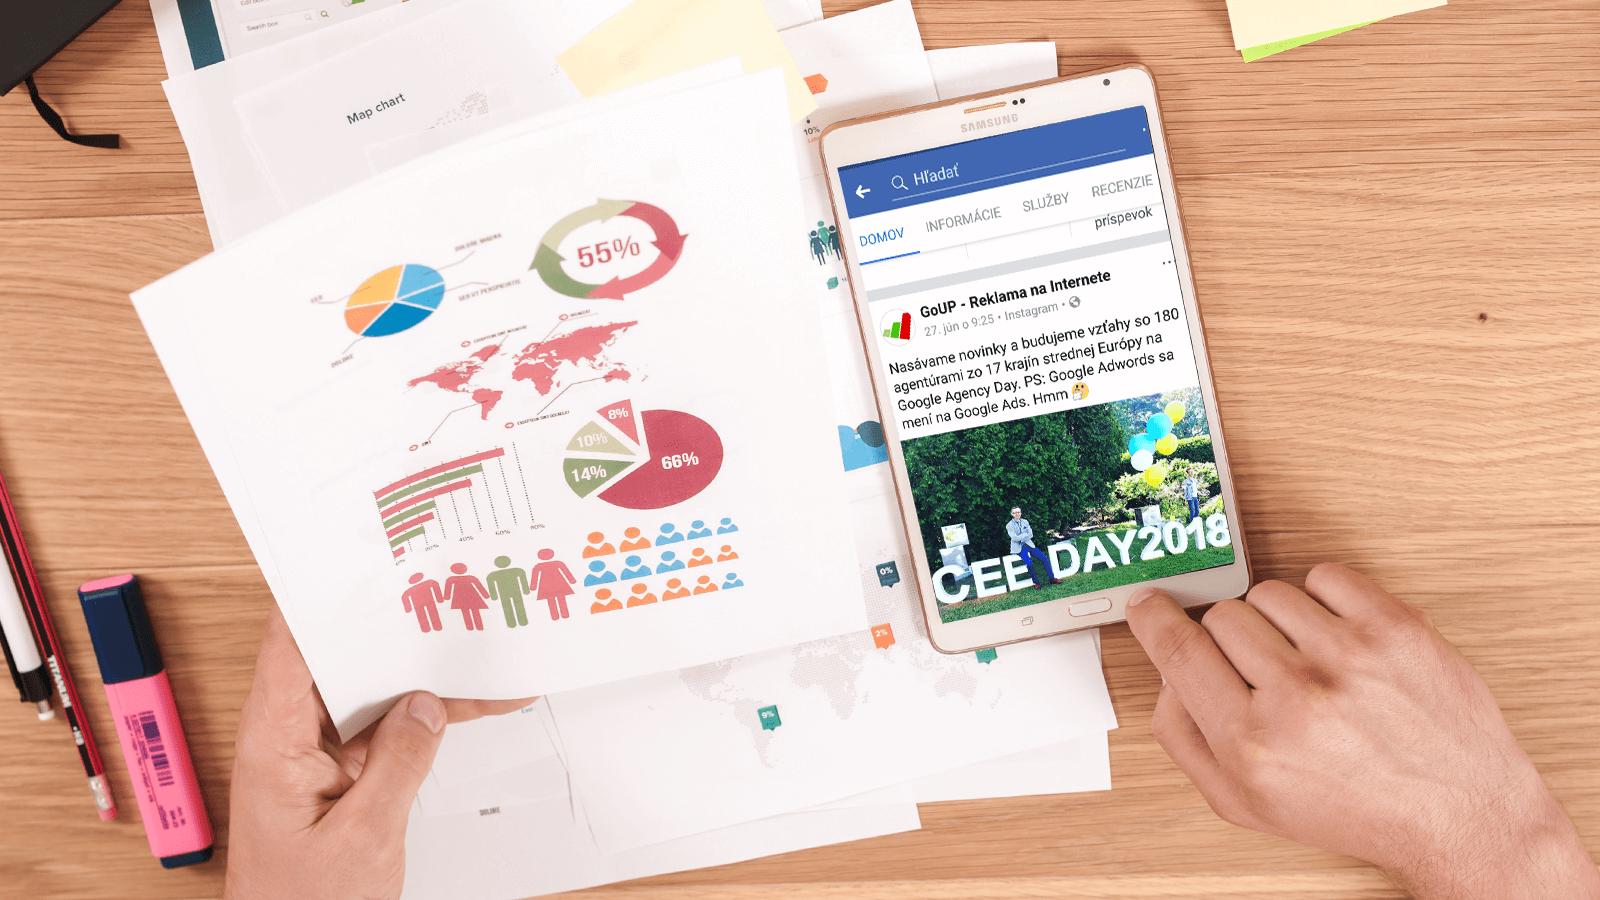 Pracujeme s Google Analytics 1: Ako nastaviť ciele a prečo sú také dôležité?